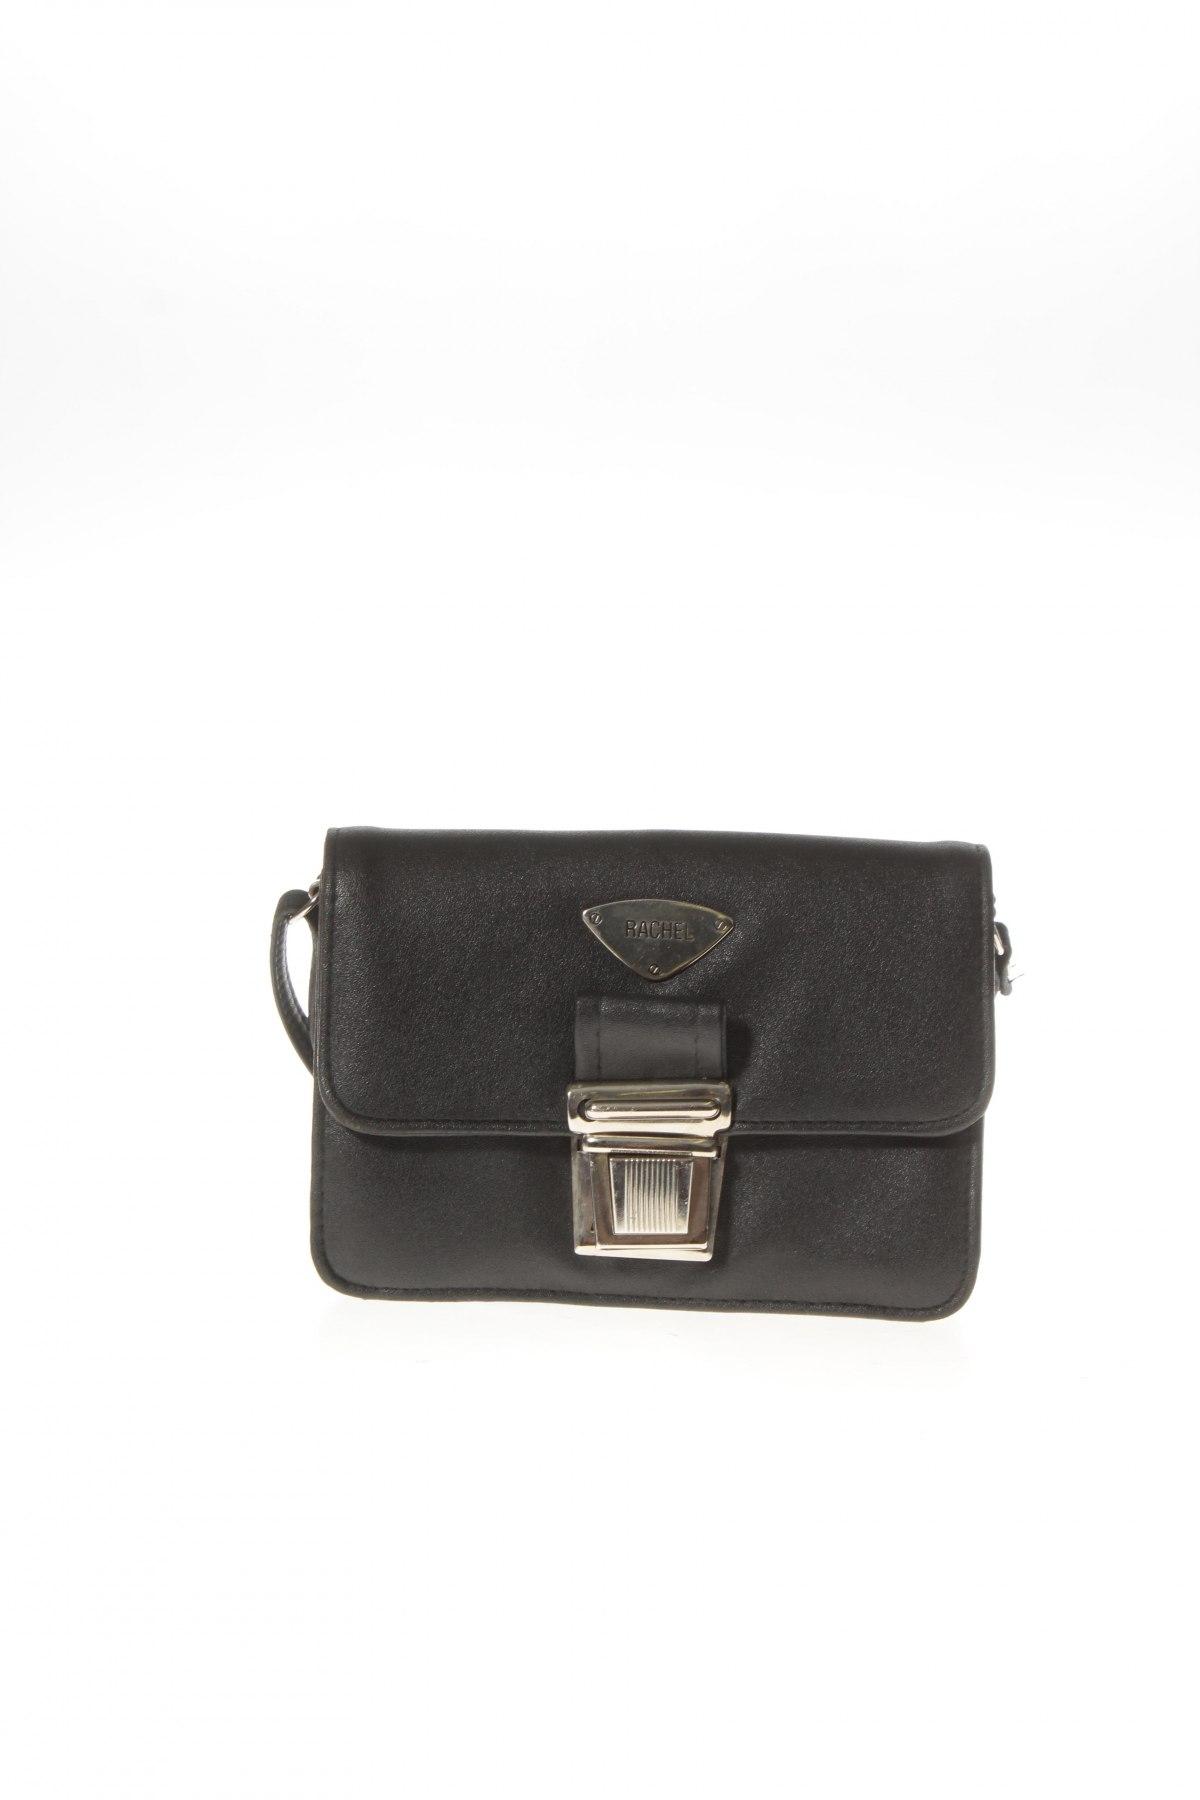 b7a71e2e2c61c Damska torebka Rachel - kup w korzystnej cenie na Remix -  5219539